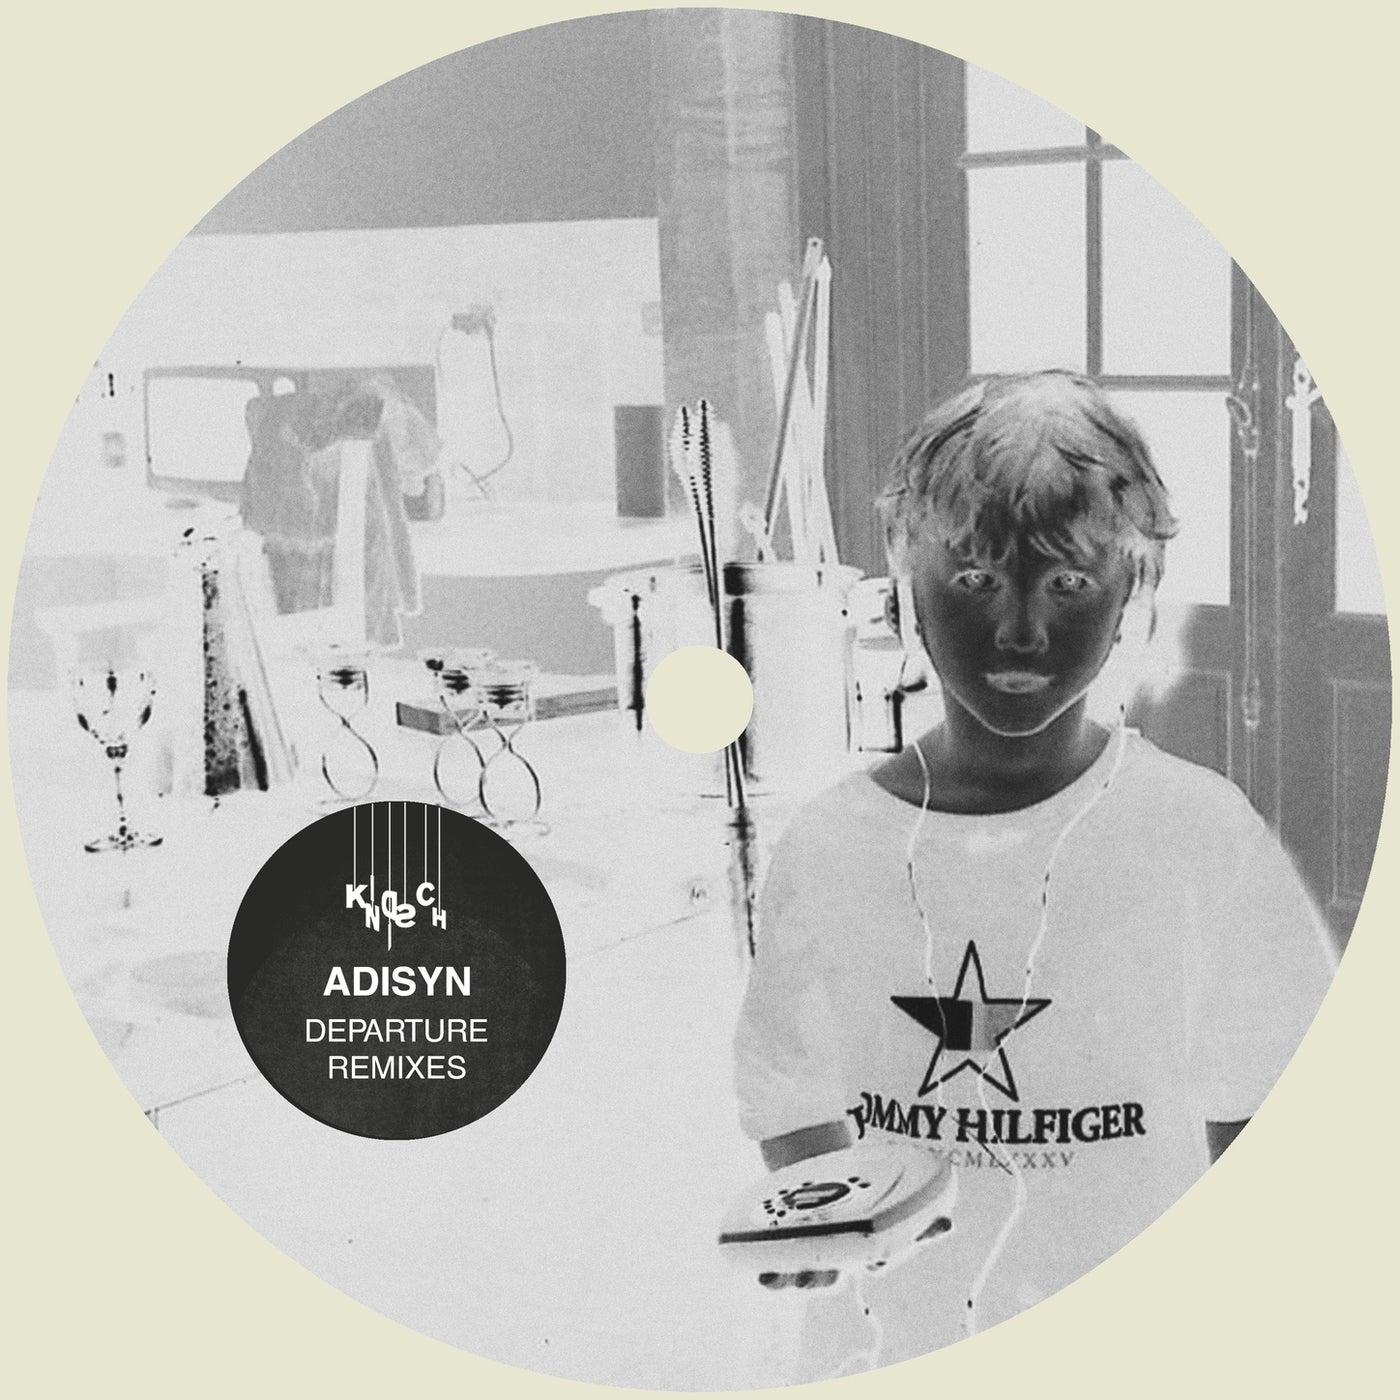 Departure (Hrag Mikkel Remix)